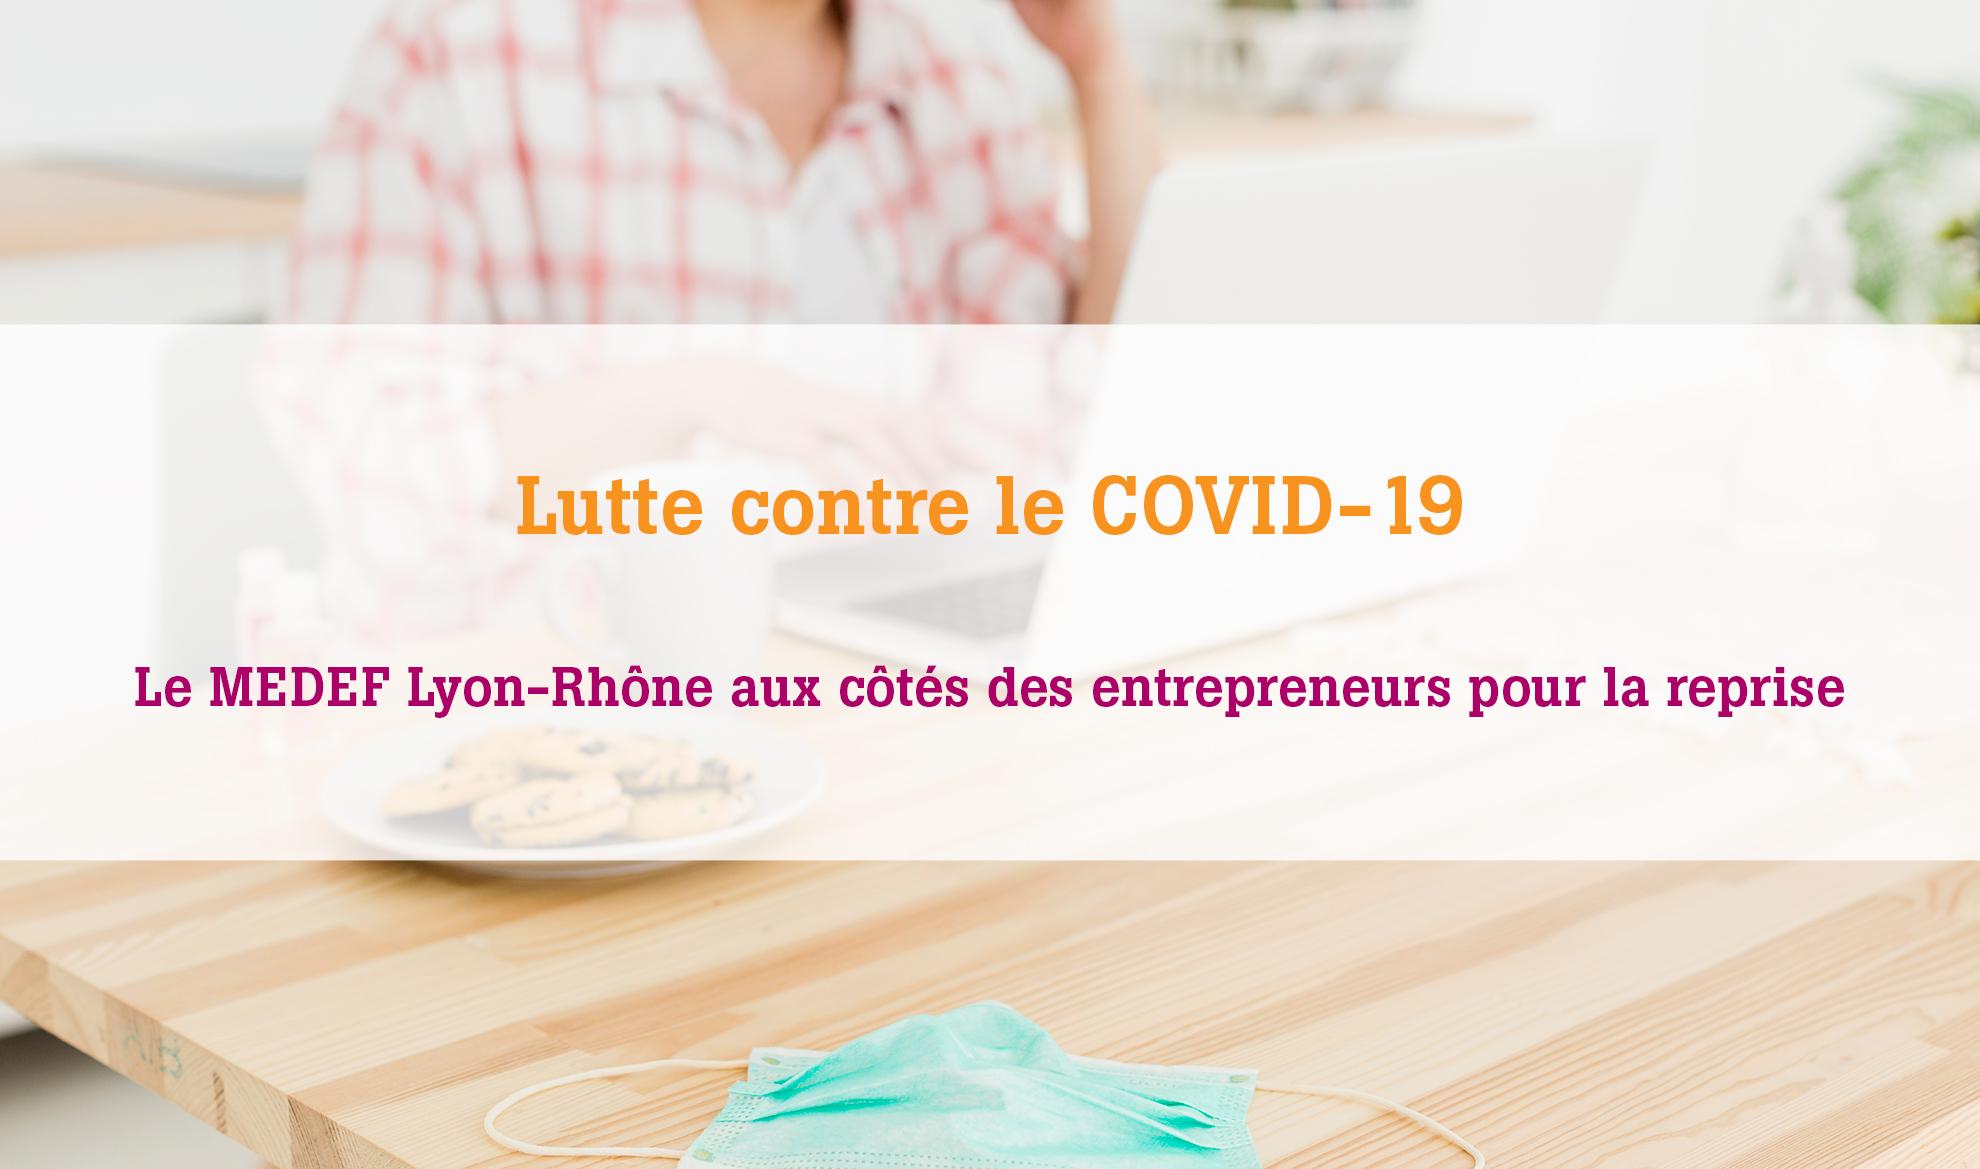 Chaque semaine les informations essentielles pour les chefs d'entreprises responsables et engagés dans la relance et la gestion de la crise sanitaire COVID-19